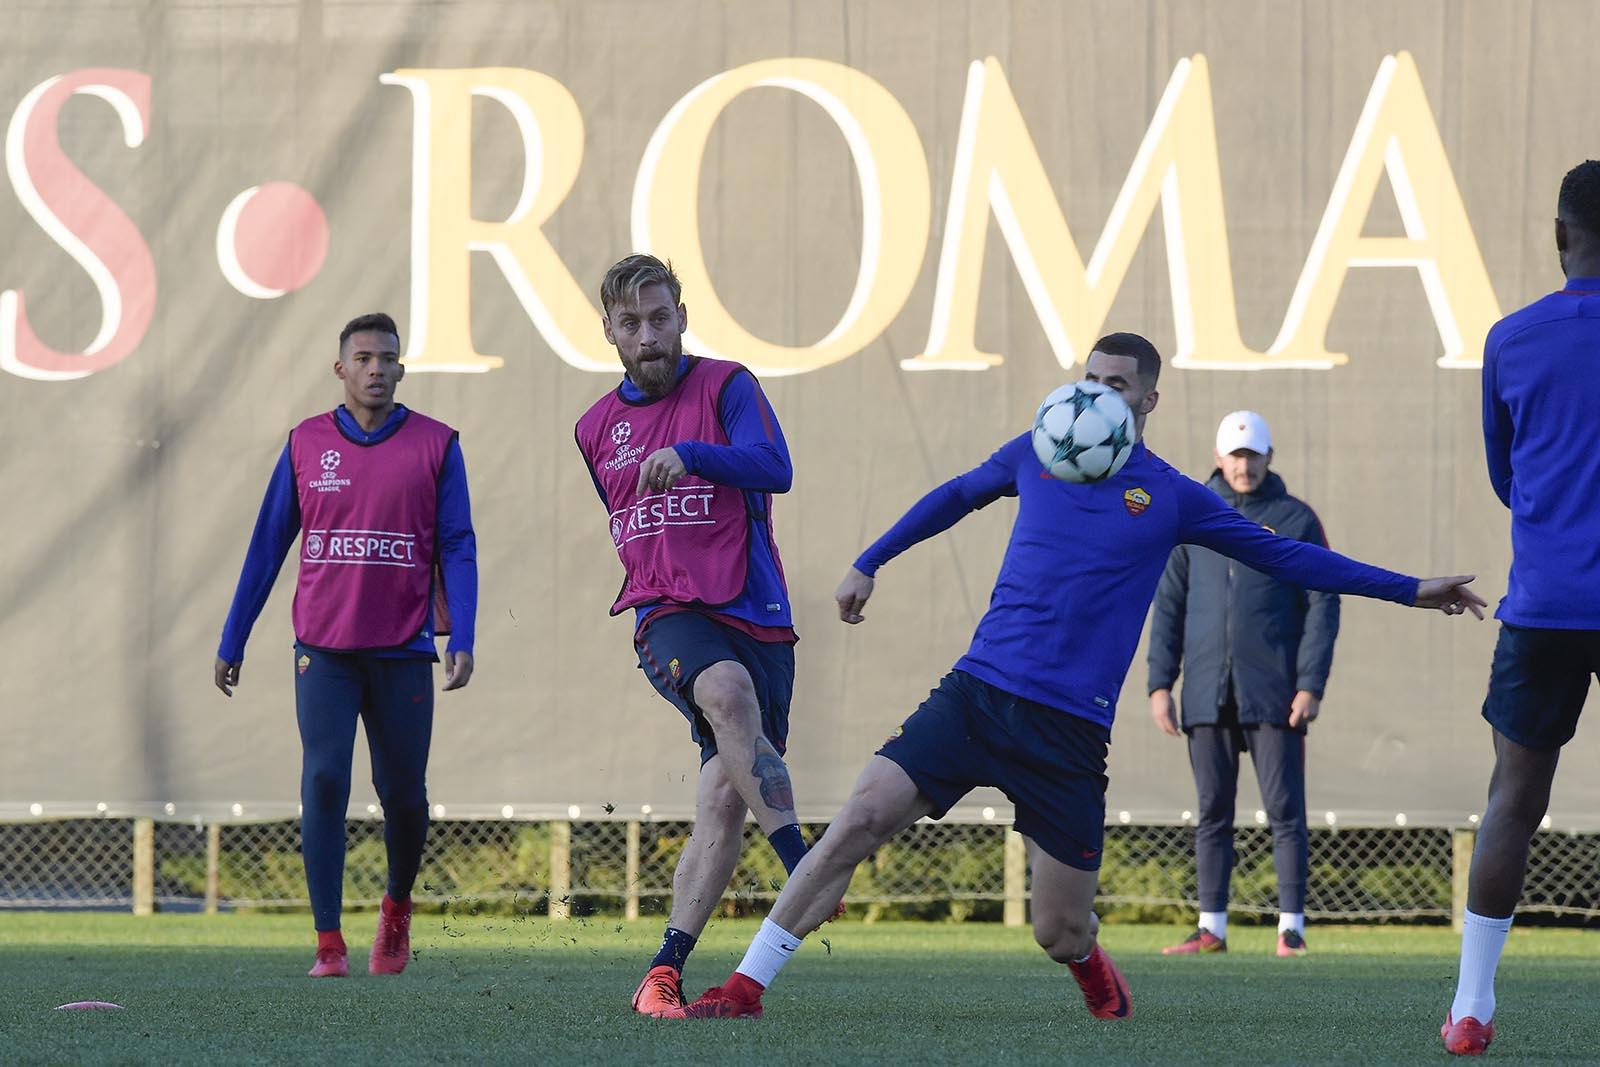 Vừa lên đỉnh cùng Inter, Spalletti đã bị họ trò cũ kể tội - Bóng Đá